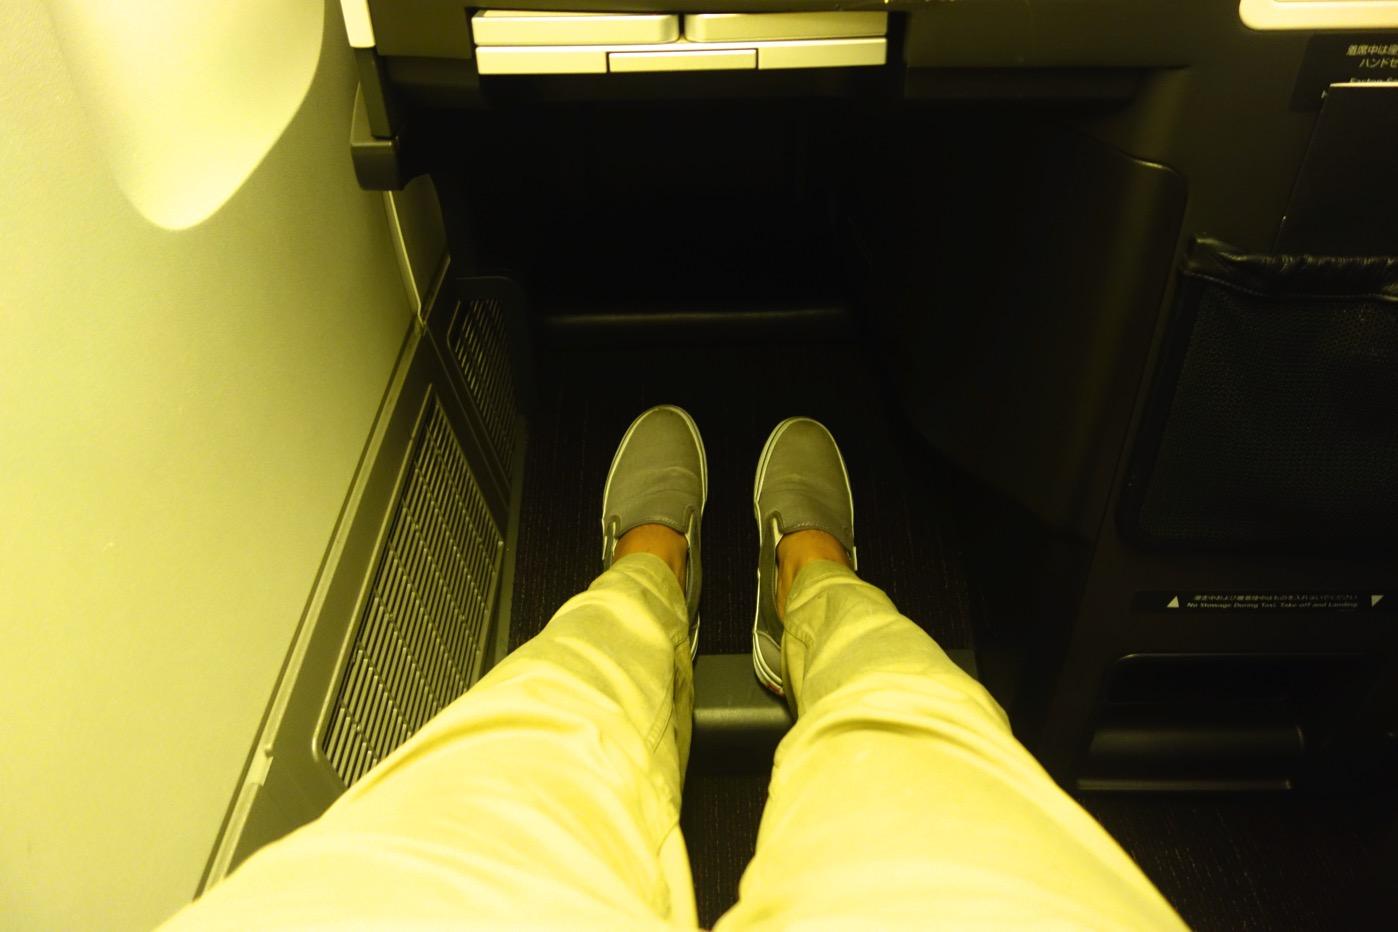 JAL ビジネスクラス シートピッチ